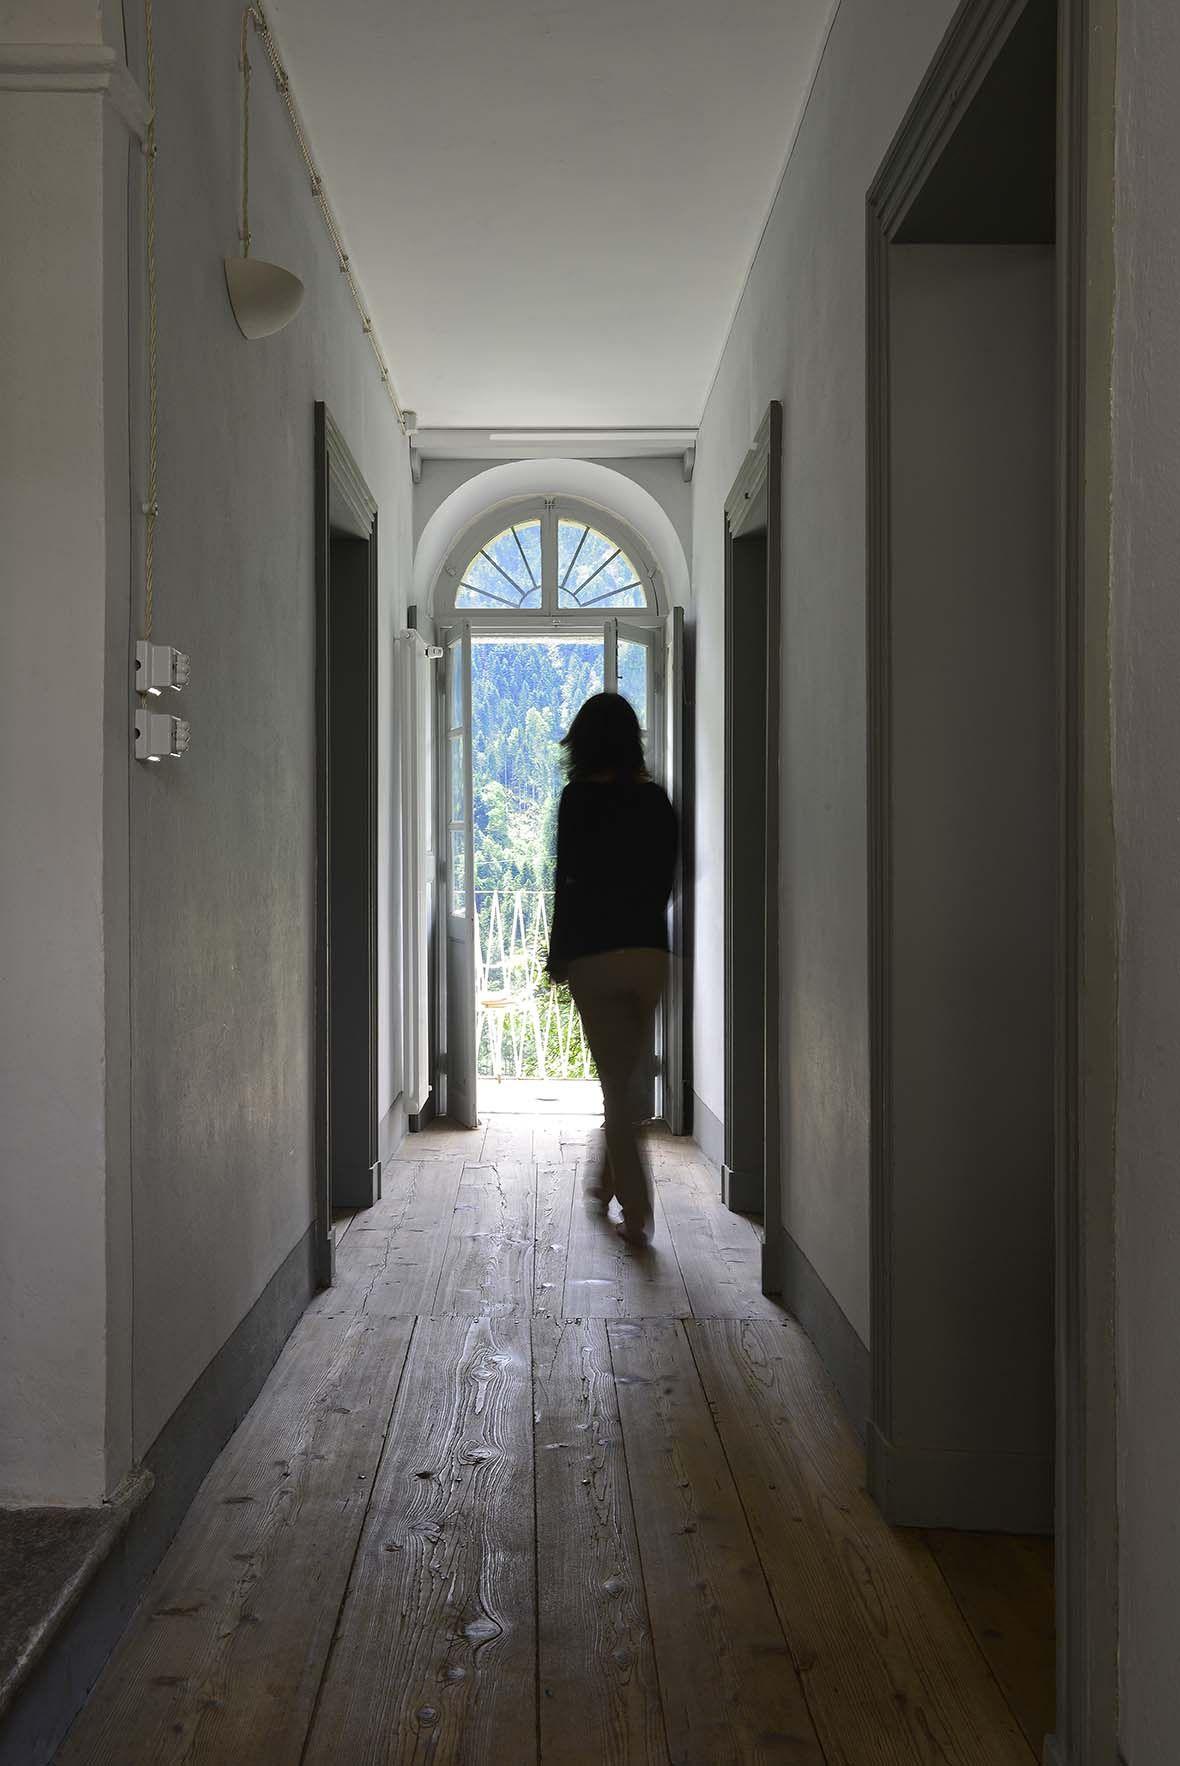 Romantic holiday in Villa Puller www.dimoredarte.com photo Pier Maulini